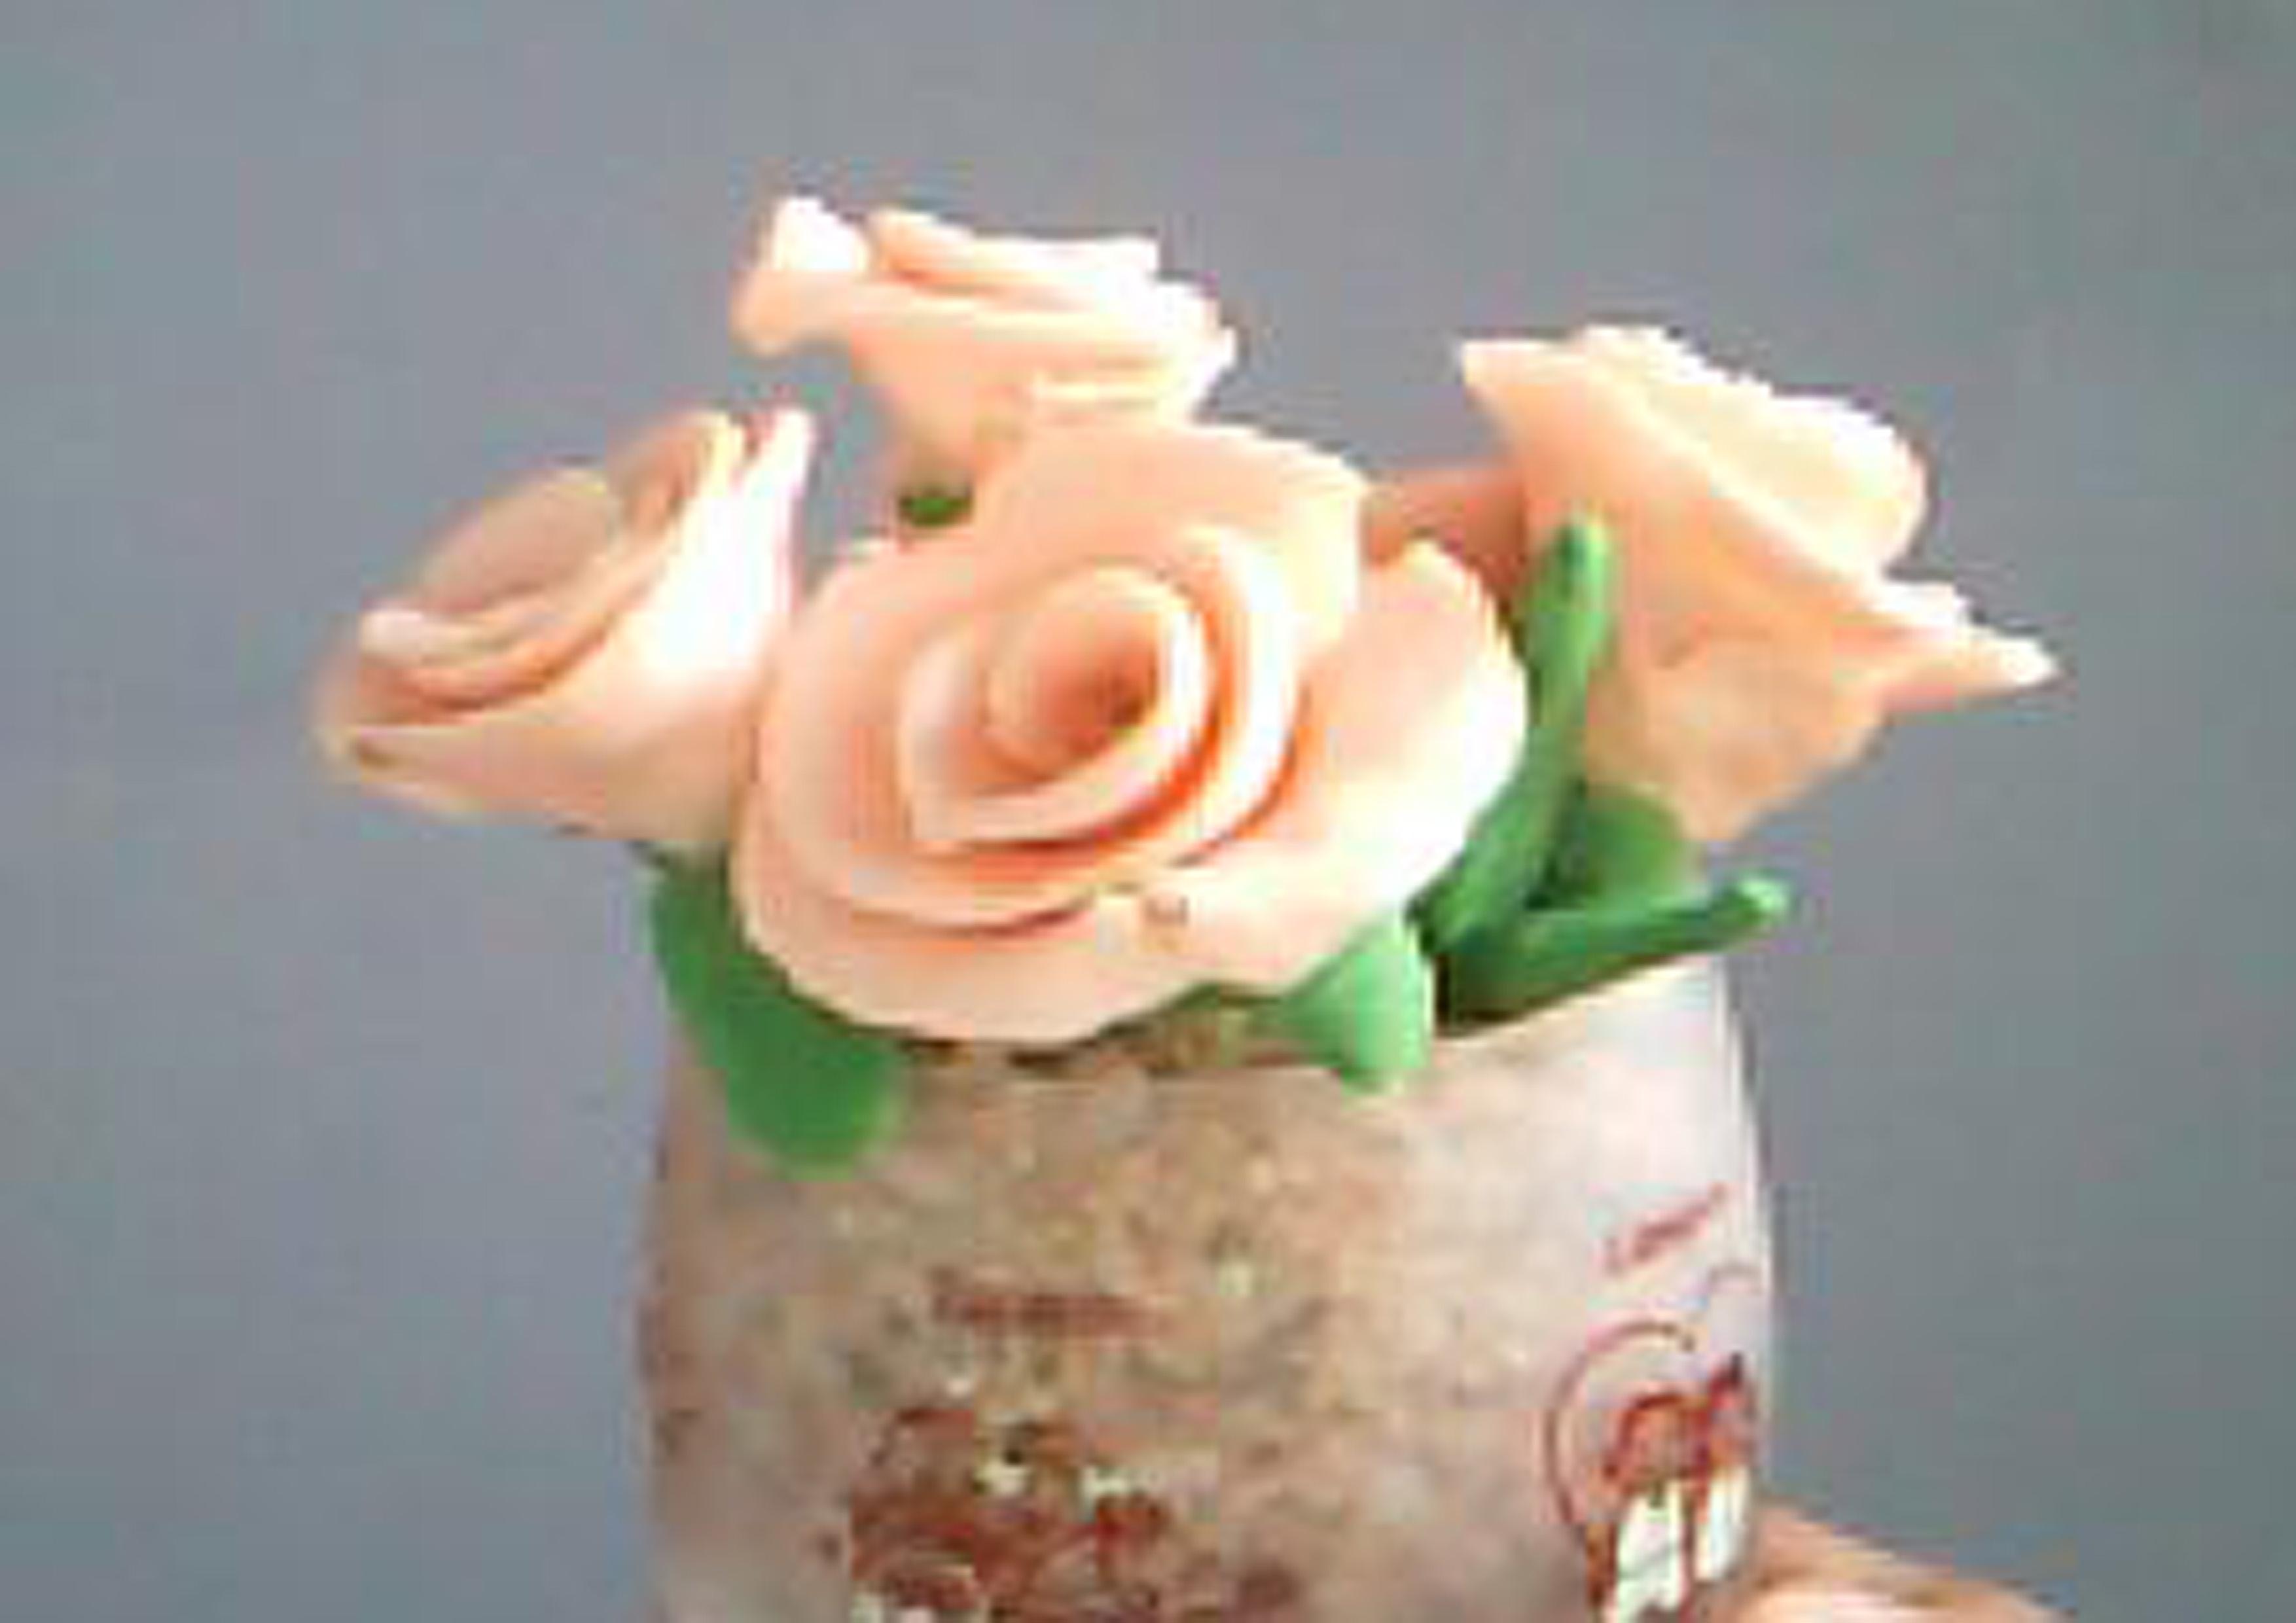 juga keinginan membuat bunga sabun. Meskipun belum sebagus bunga ...